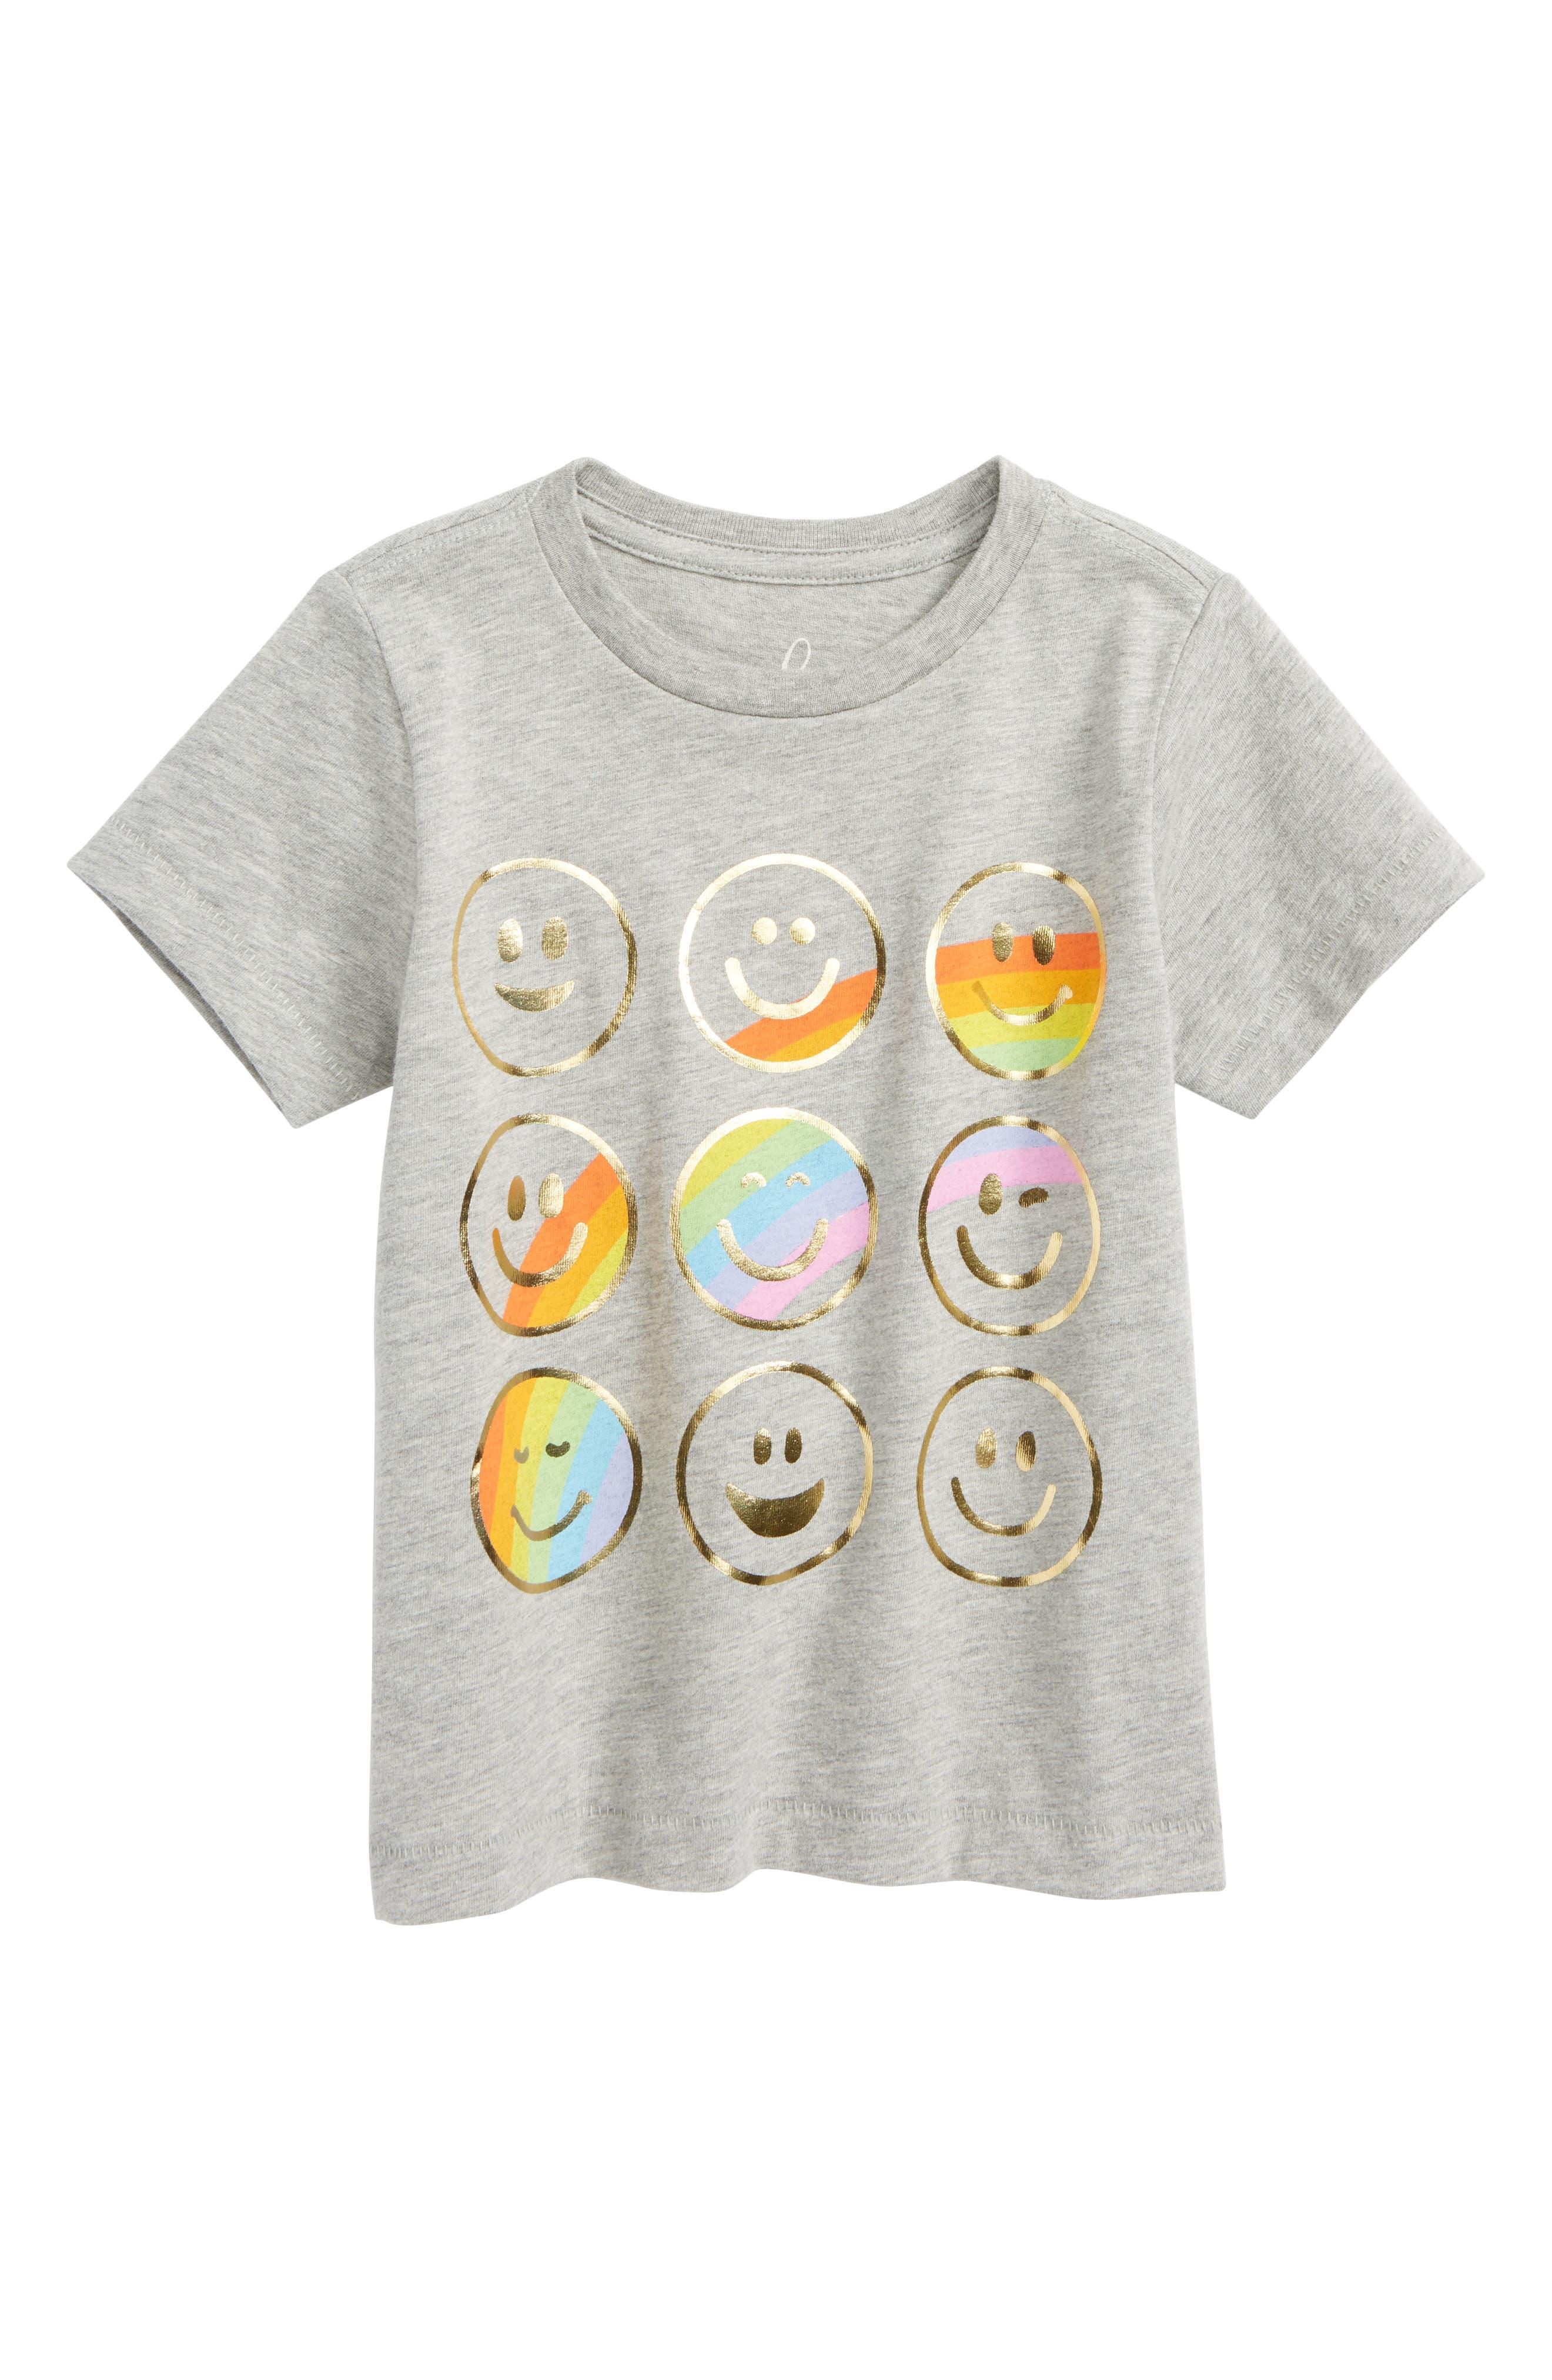 Peek Emoticons Graphic Tee (Toddler Girls)